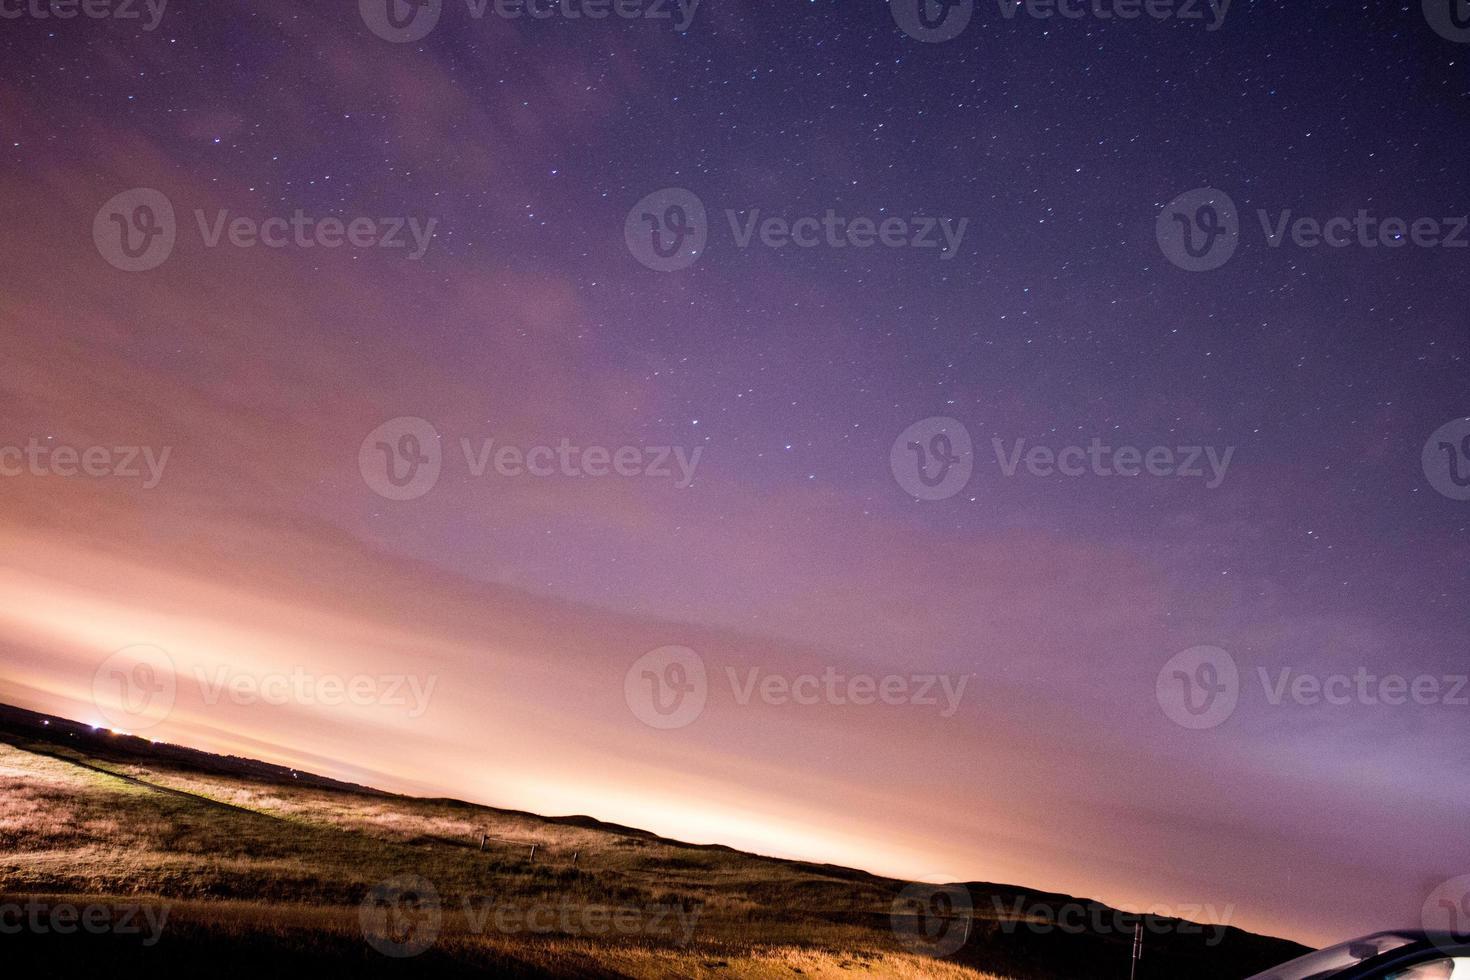 estrellas en el cielo nocturno, lluvia de meteoros perseidas 2015 burton dassett foto